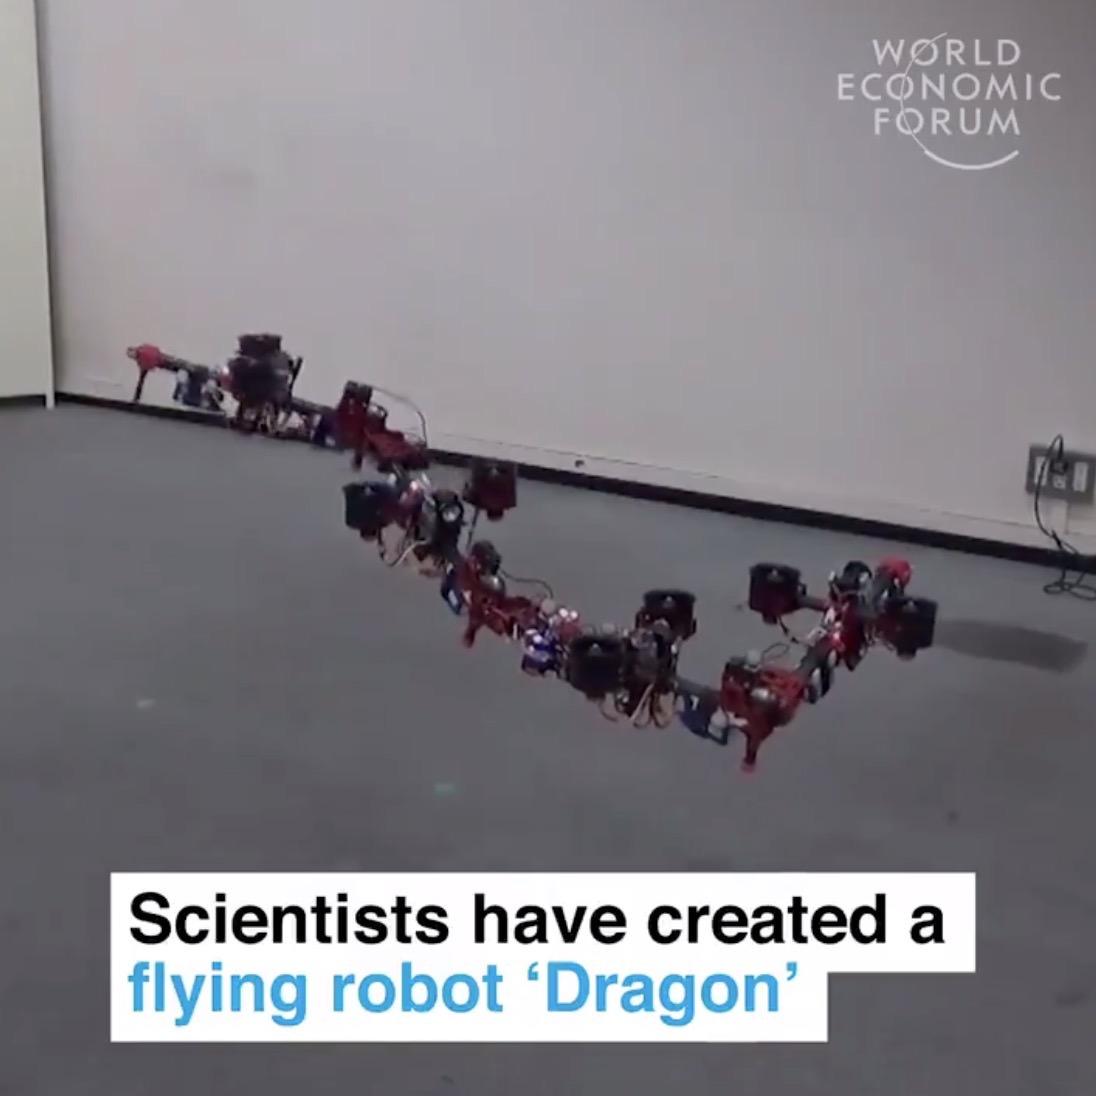 【動画】これは確かに龍!空中で変形するドローン「Dragon」